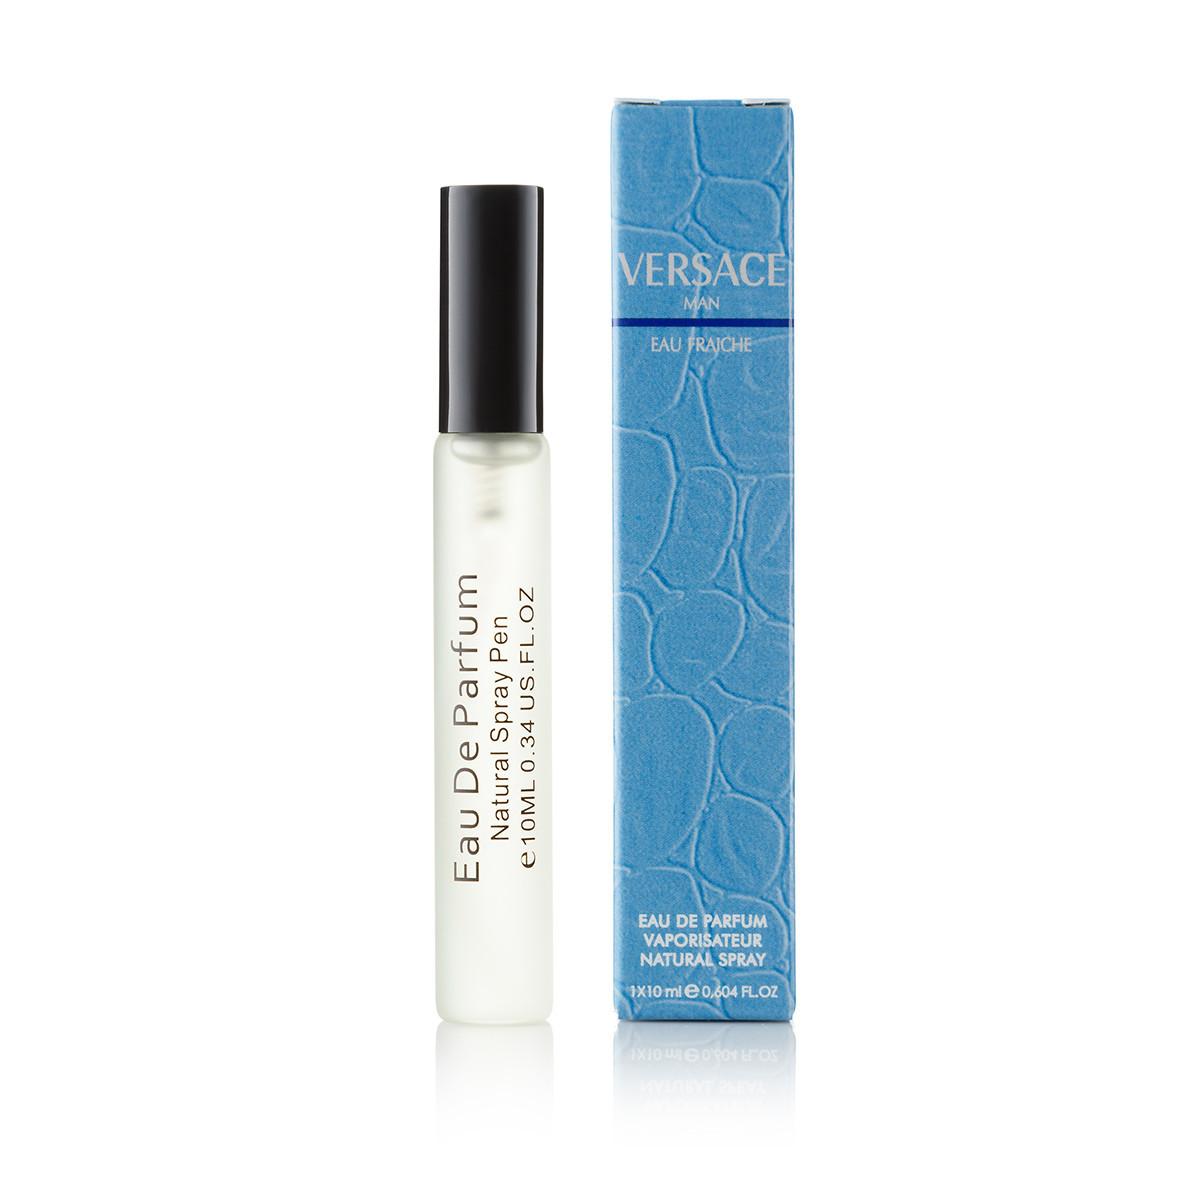 10 мл мини парфюм спрей в ручке Versace Man Eau Fraiche - (М)  Д-86